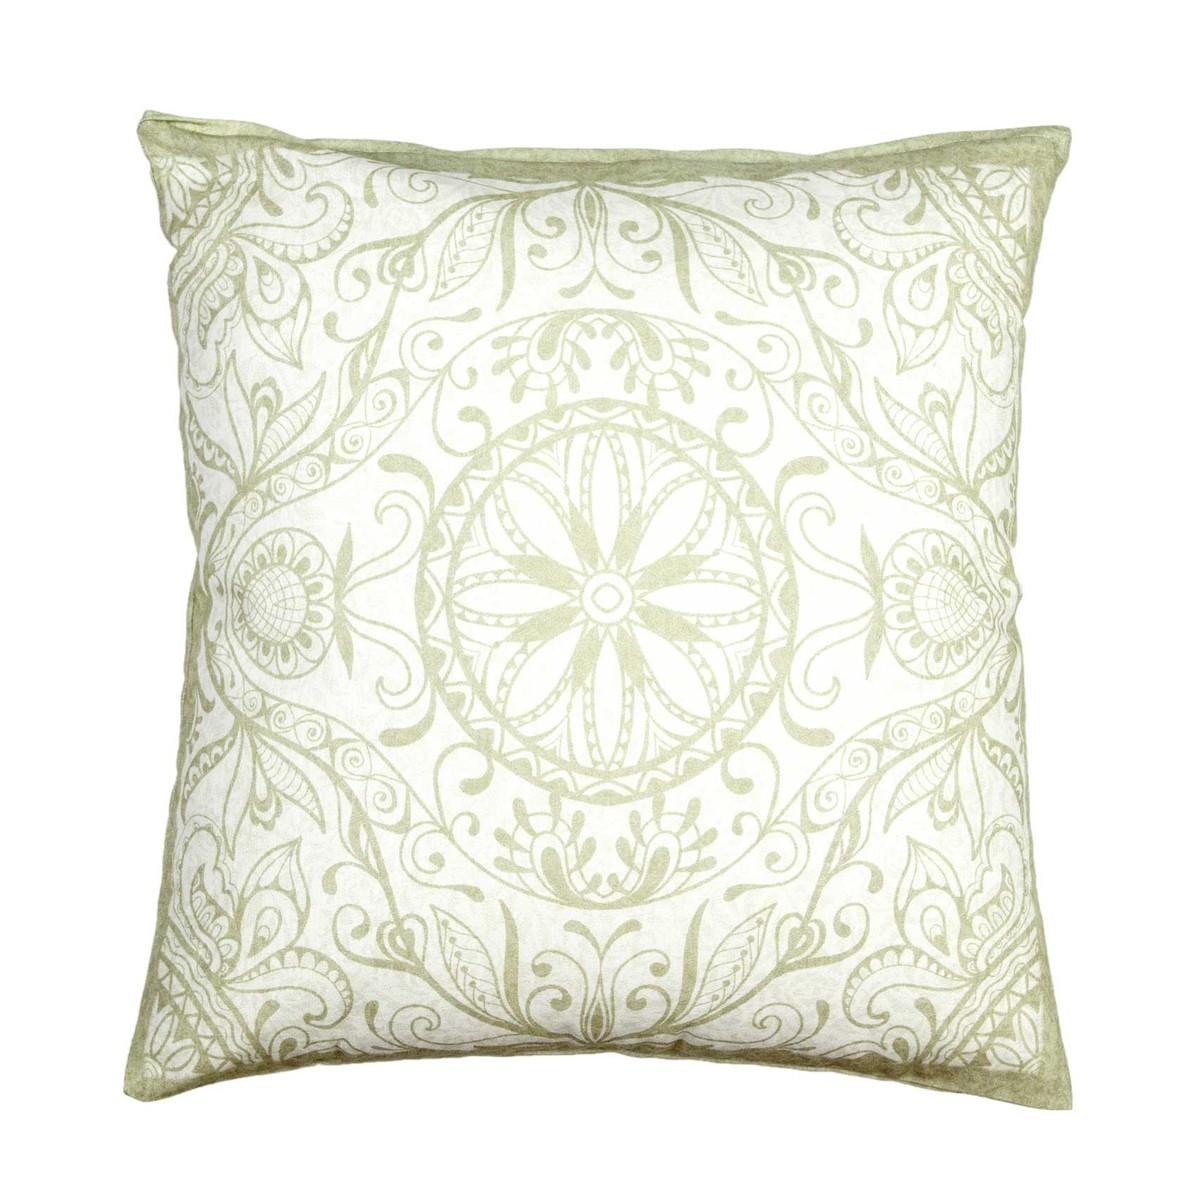 Διακοσμητική Μαξιλαροθήκη Nima Cushions Anatolica